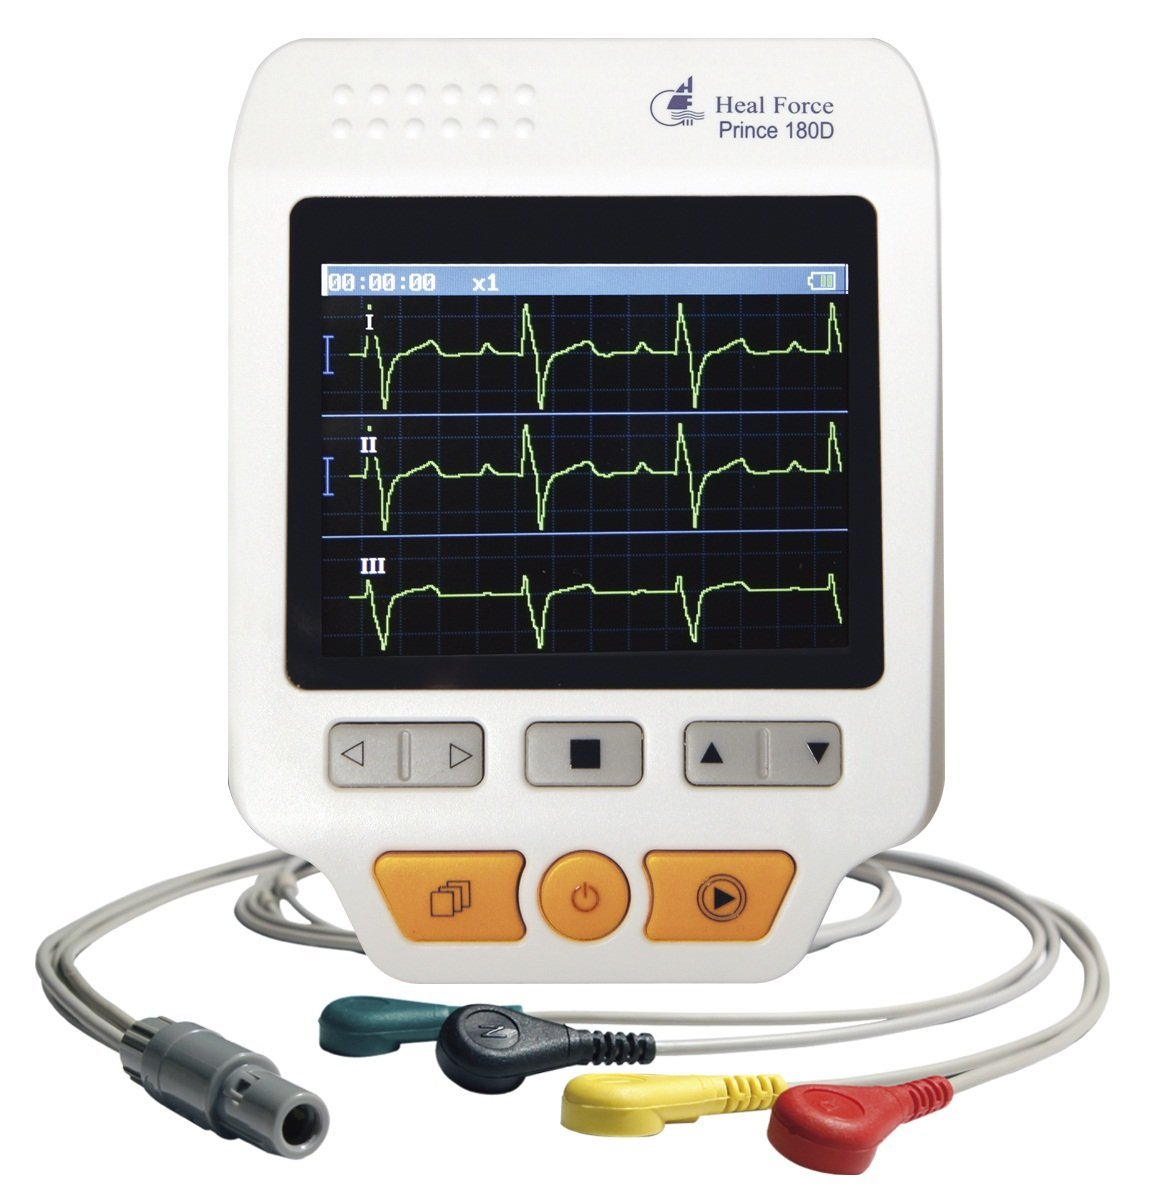 Handliches EKG Geraet